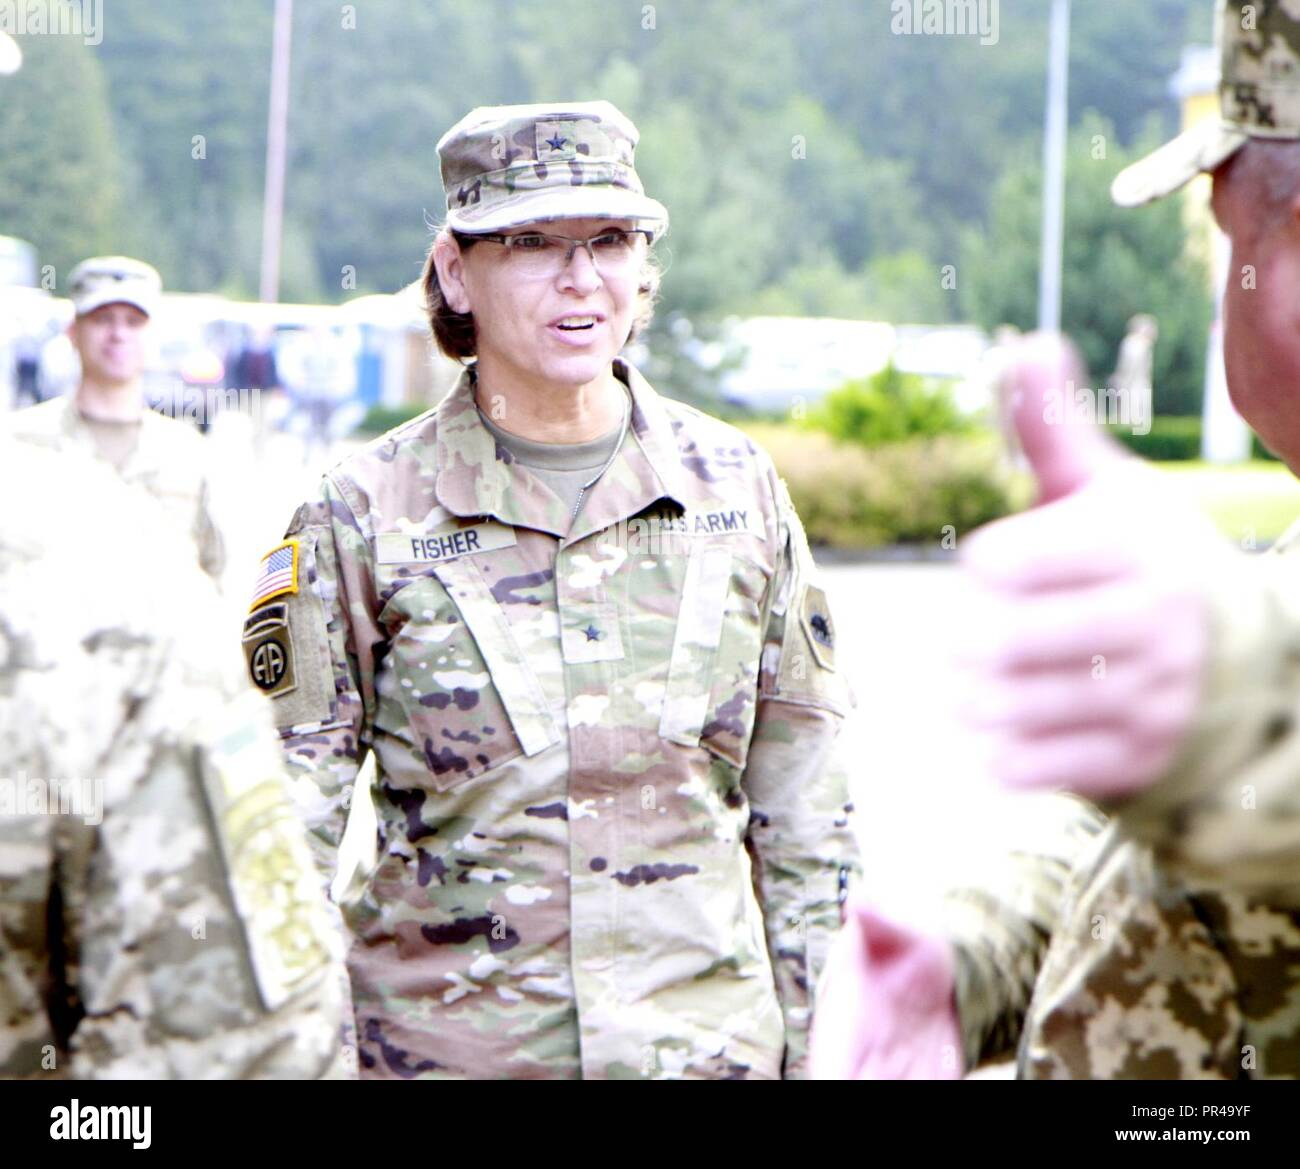 Us-Armee Brig. Gen. Kelly Fisher, Oklahoma Army National Guard Land Component Commander, ist der Ukrainischen Col. Gen. 363 Popko (rechts), Kommandeur der ukrainischen Land Forces Command, für schnelle Trident begrüßt Besucher tag Sept. 7 an der internationalen Friedenssicherung Security Center in der Nähe von Yavoriv, Ukraine unterschieden. Stockfoto